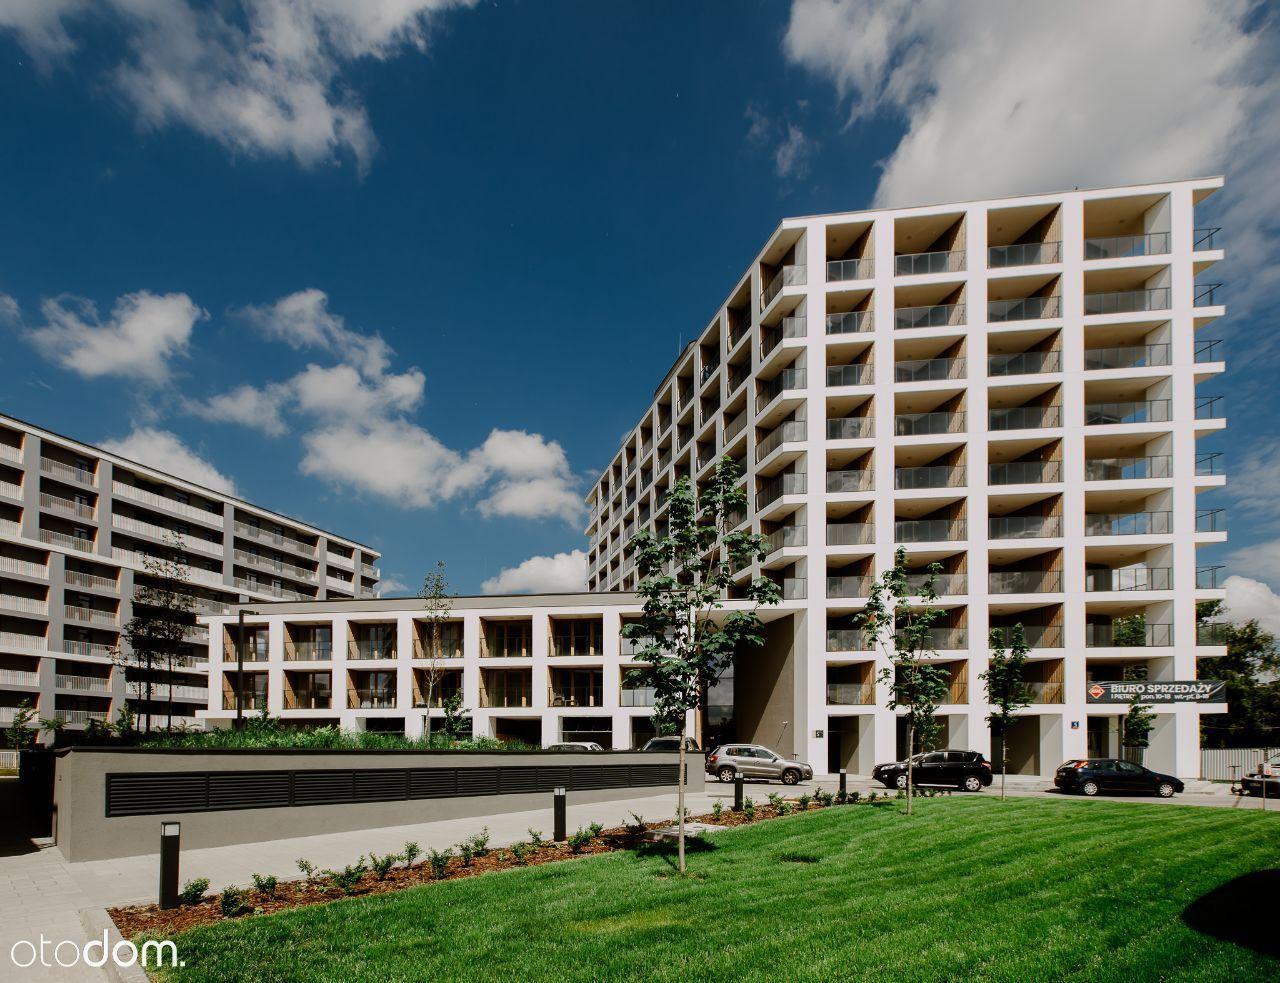   ATAL   NOWA GROCHOWSKA 2021 ostatnie mieszkania